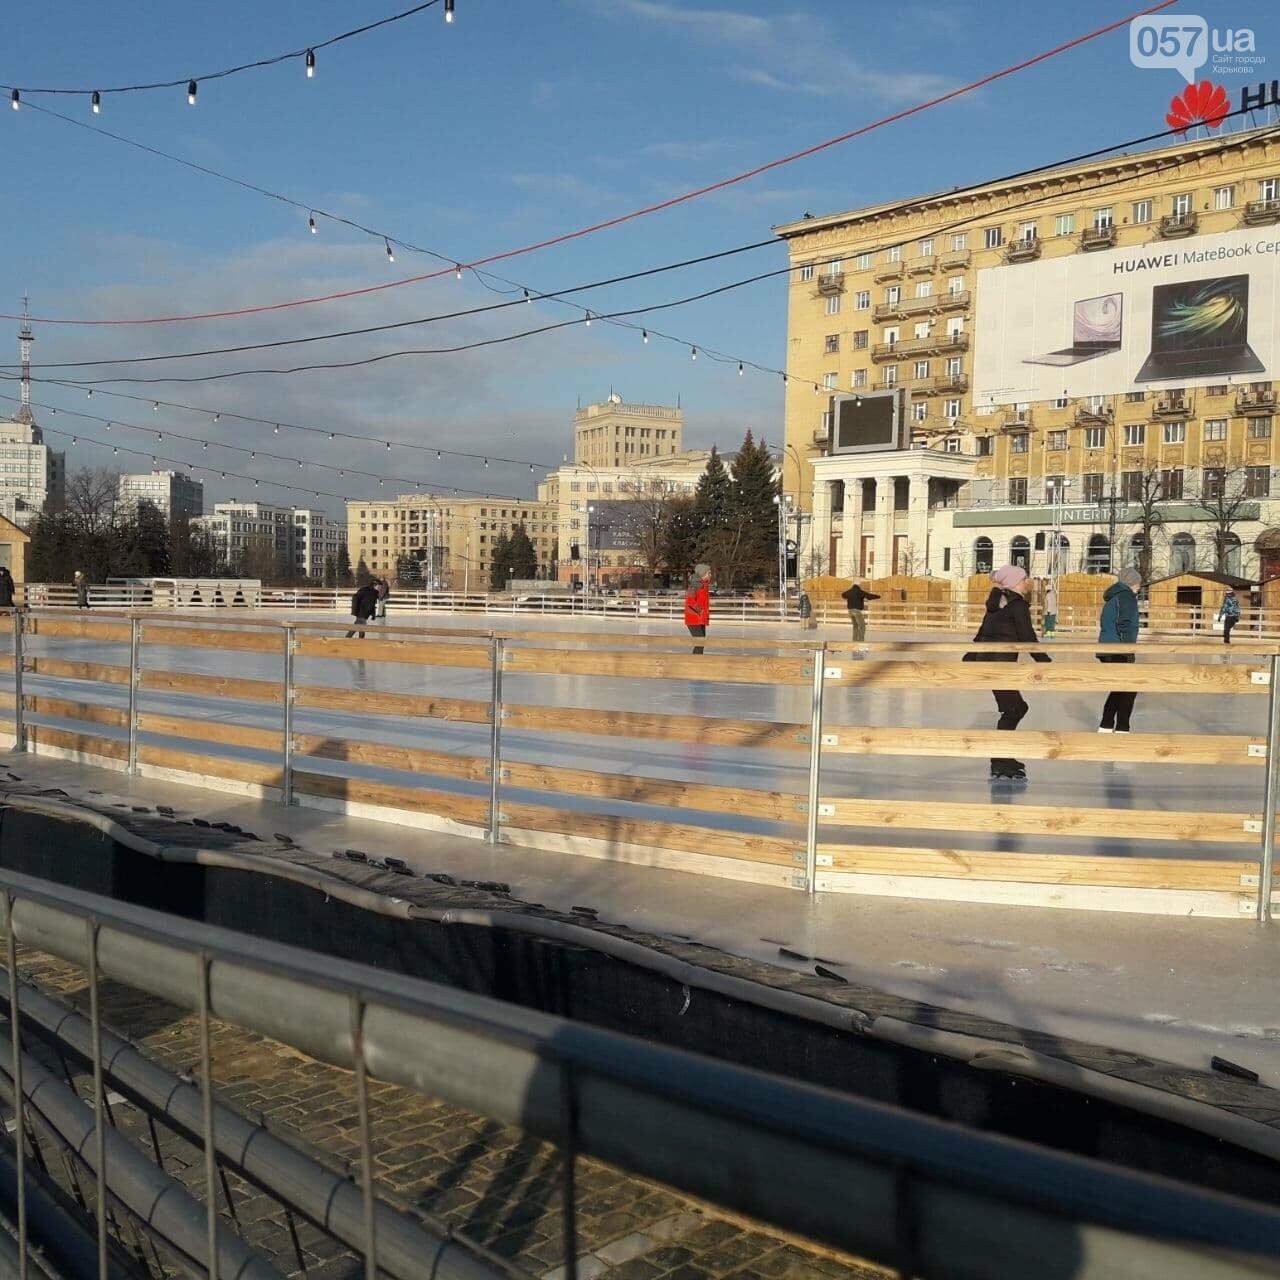 В Харькове на центральной площади открылся каток: цены, услуги и время работы, - ФОТО, фото-6